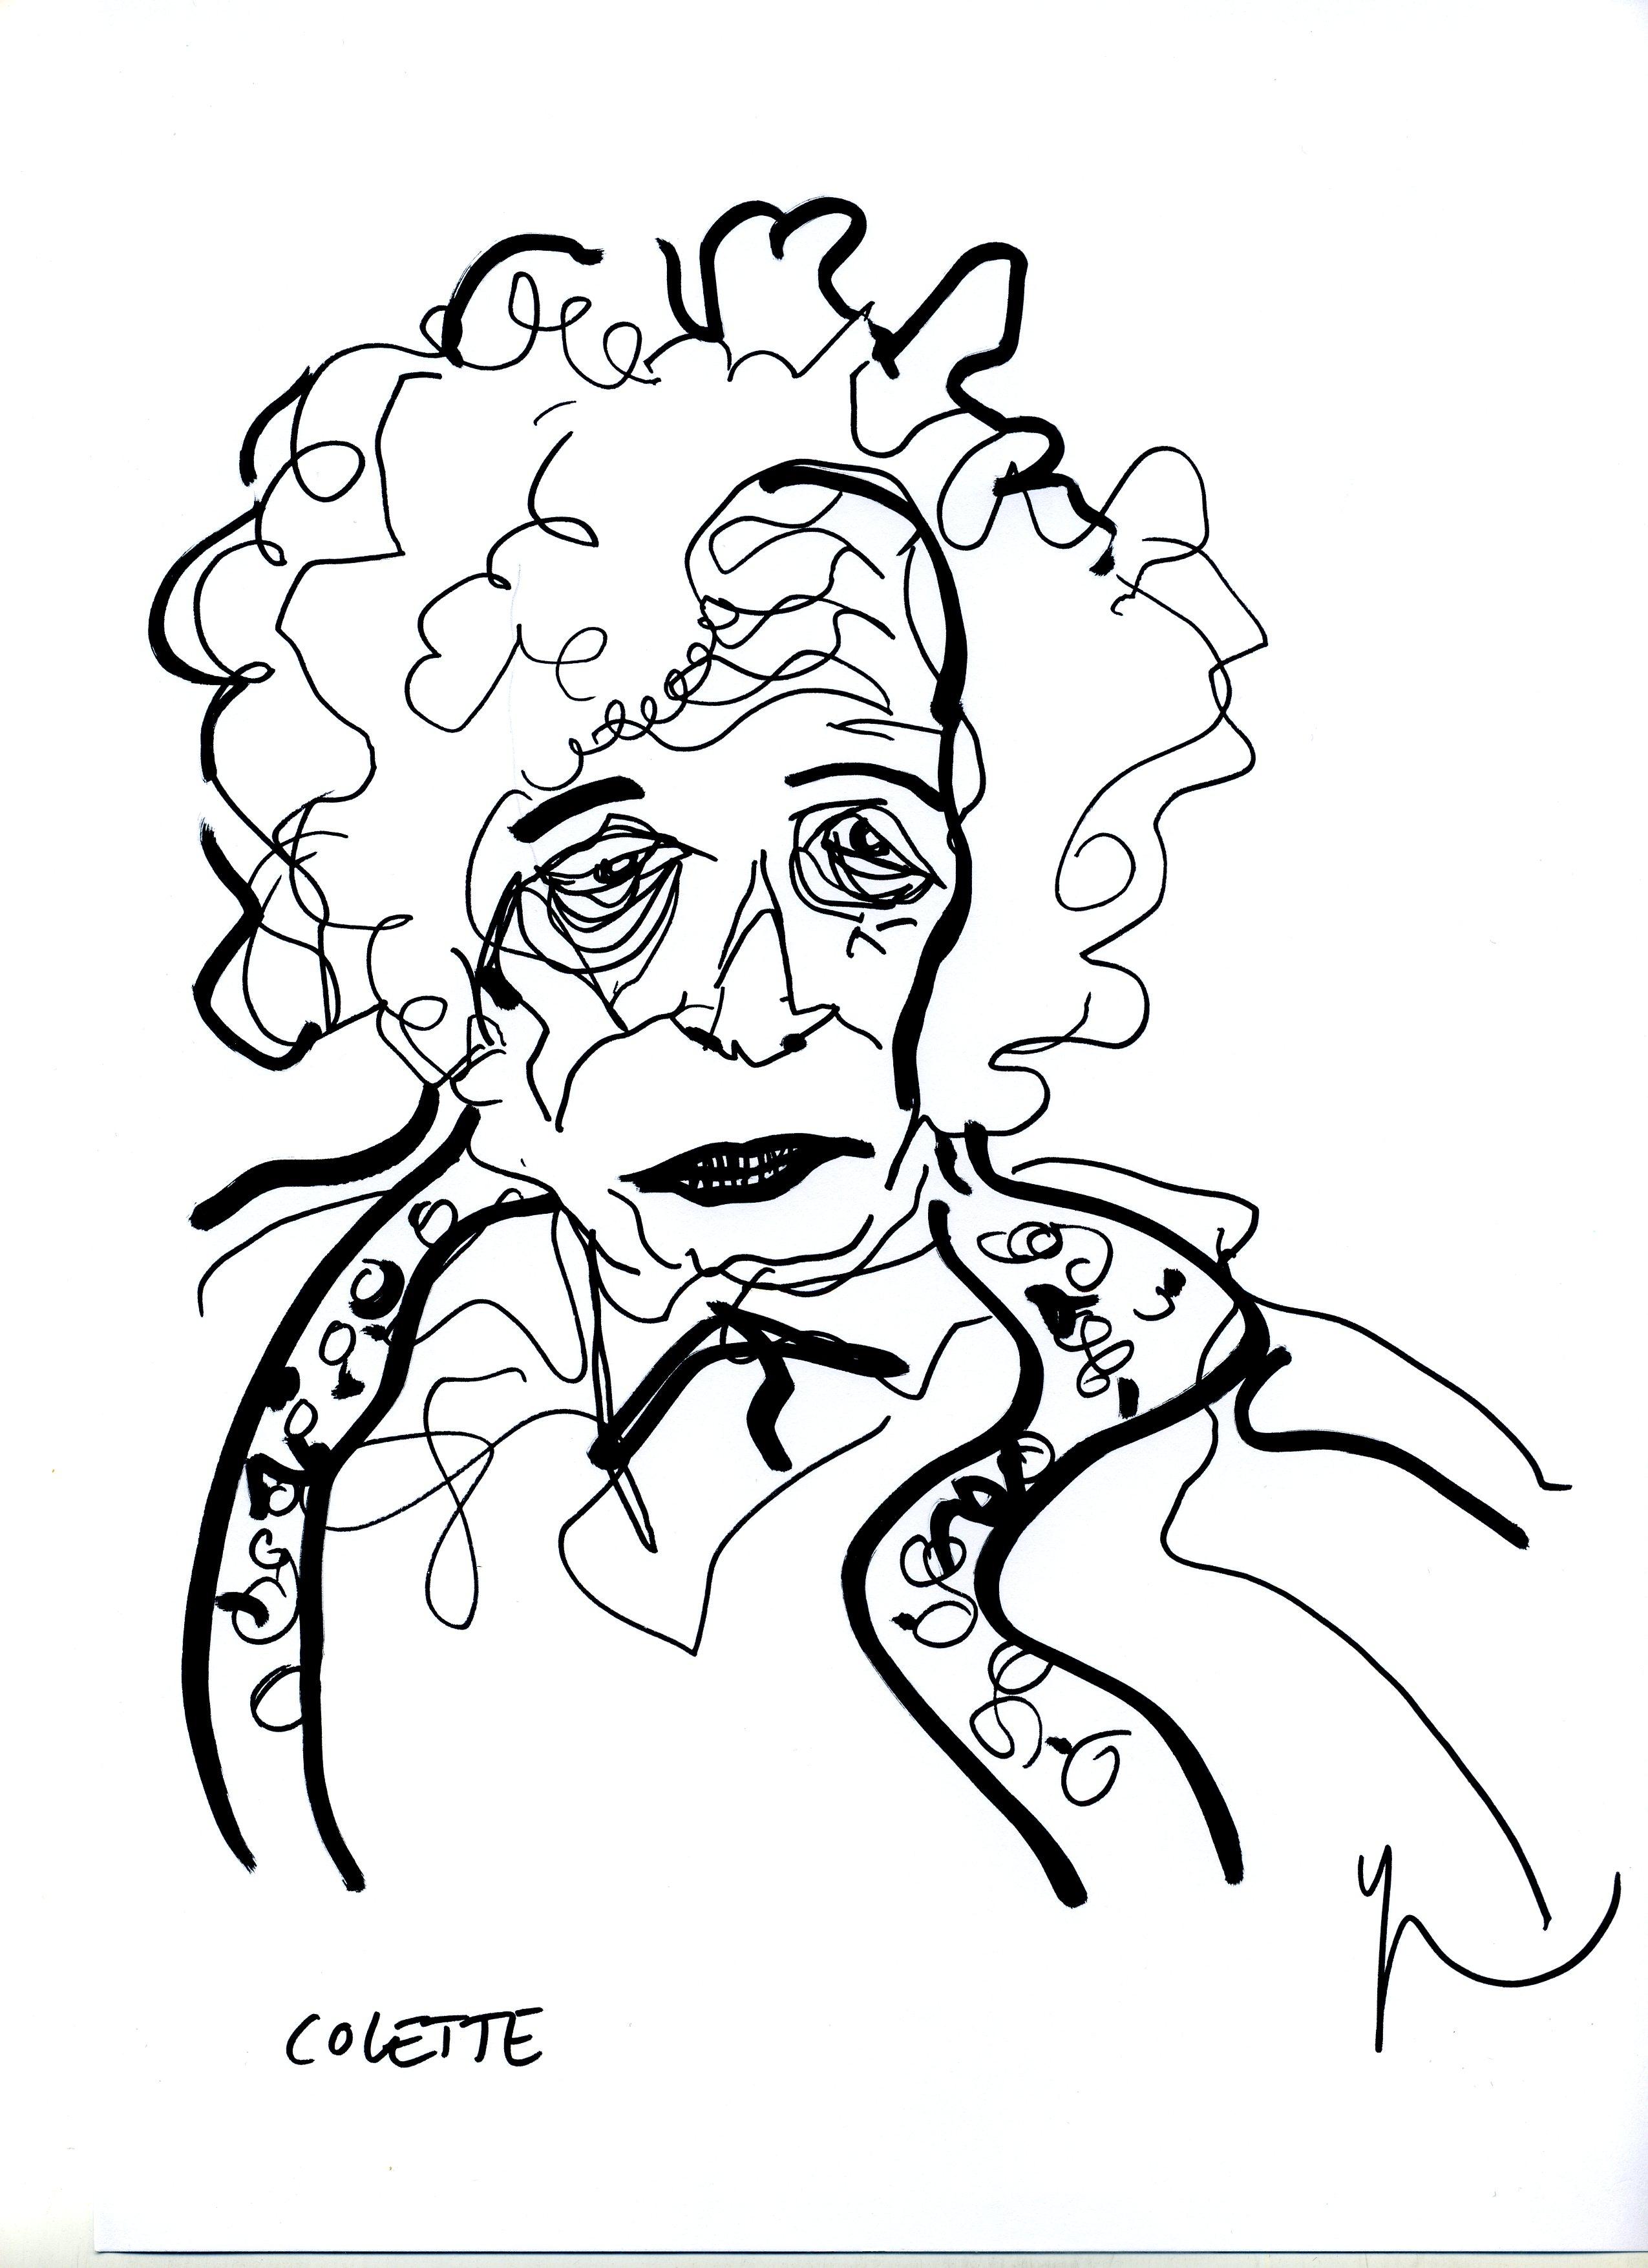 Portrait de Colette dessiné par Yann Moix